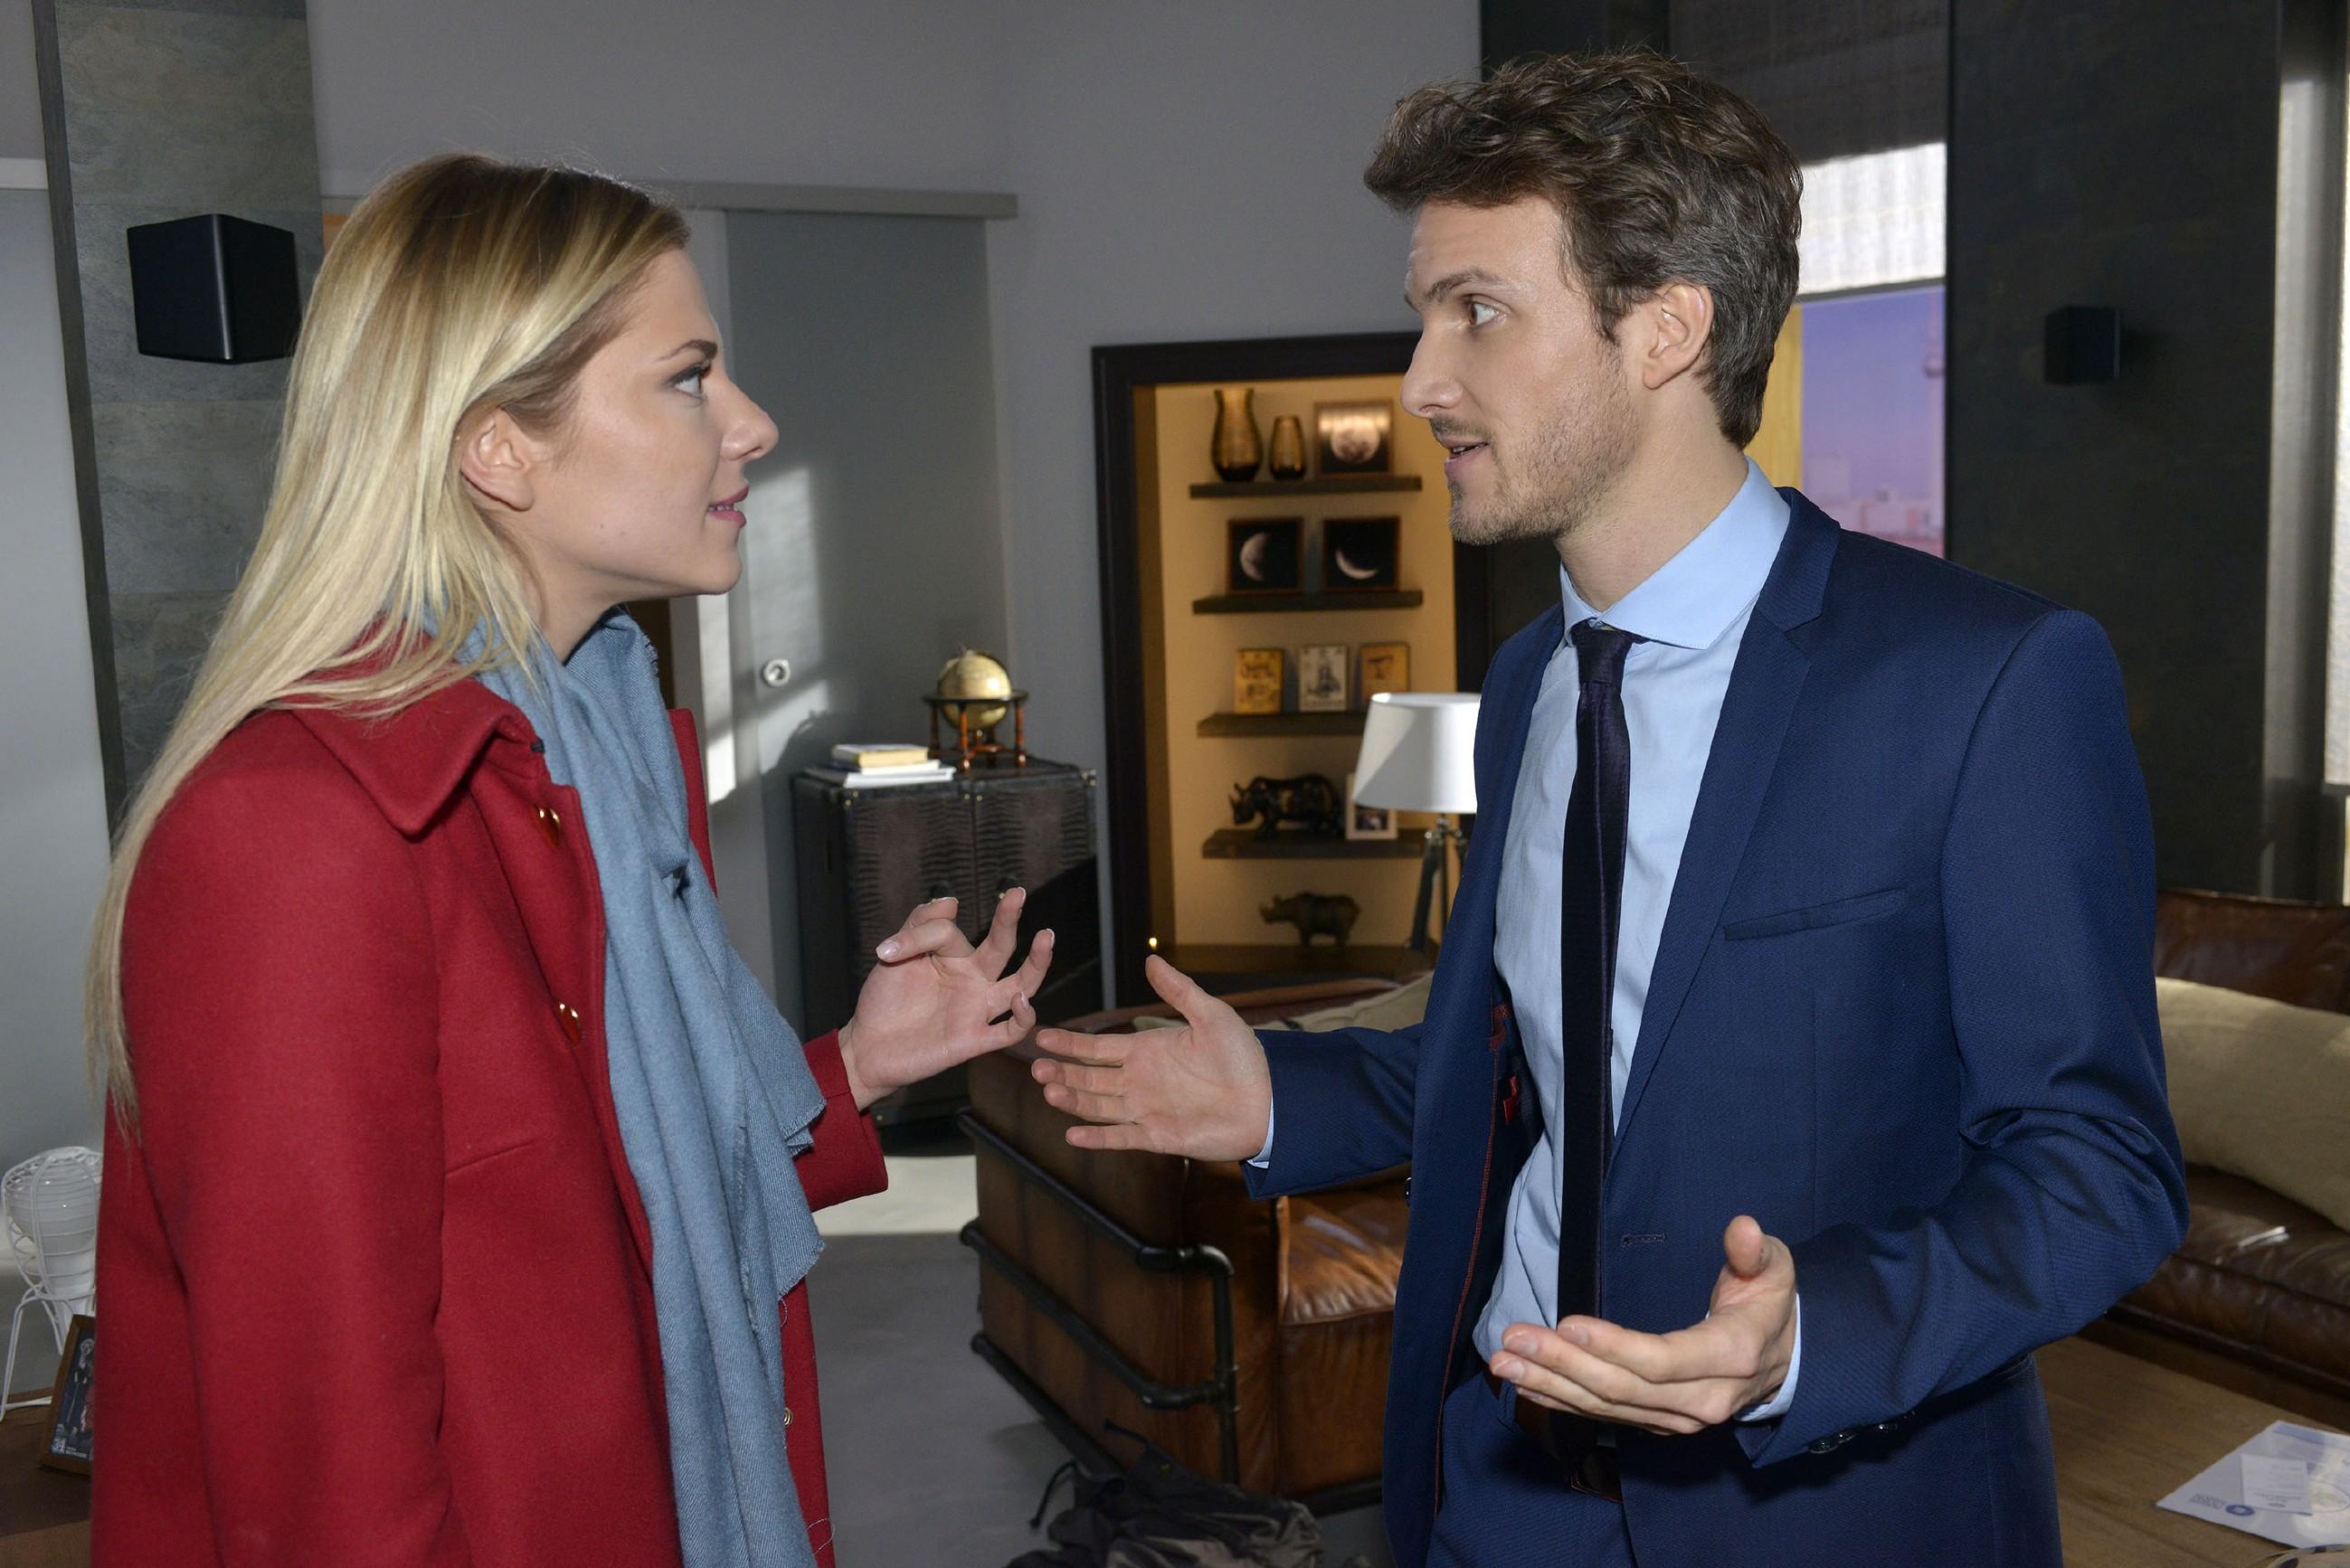 Nachdem Felix (Thaddäus Meilinger) sich entgegen ihrer Verabredung Gerner anvertraut hat, kommt es zu einem heftigen Streit zwischen ihm und Sunny (Valentina Pahde). (Quelle: RTL / Rolf Baumgartner)